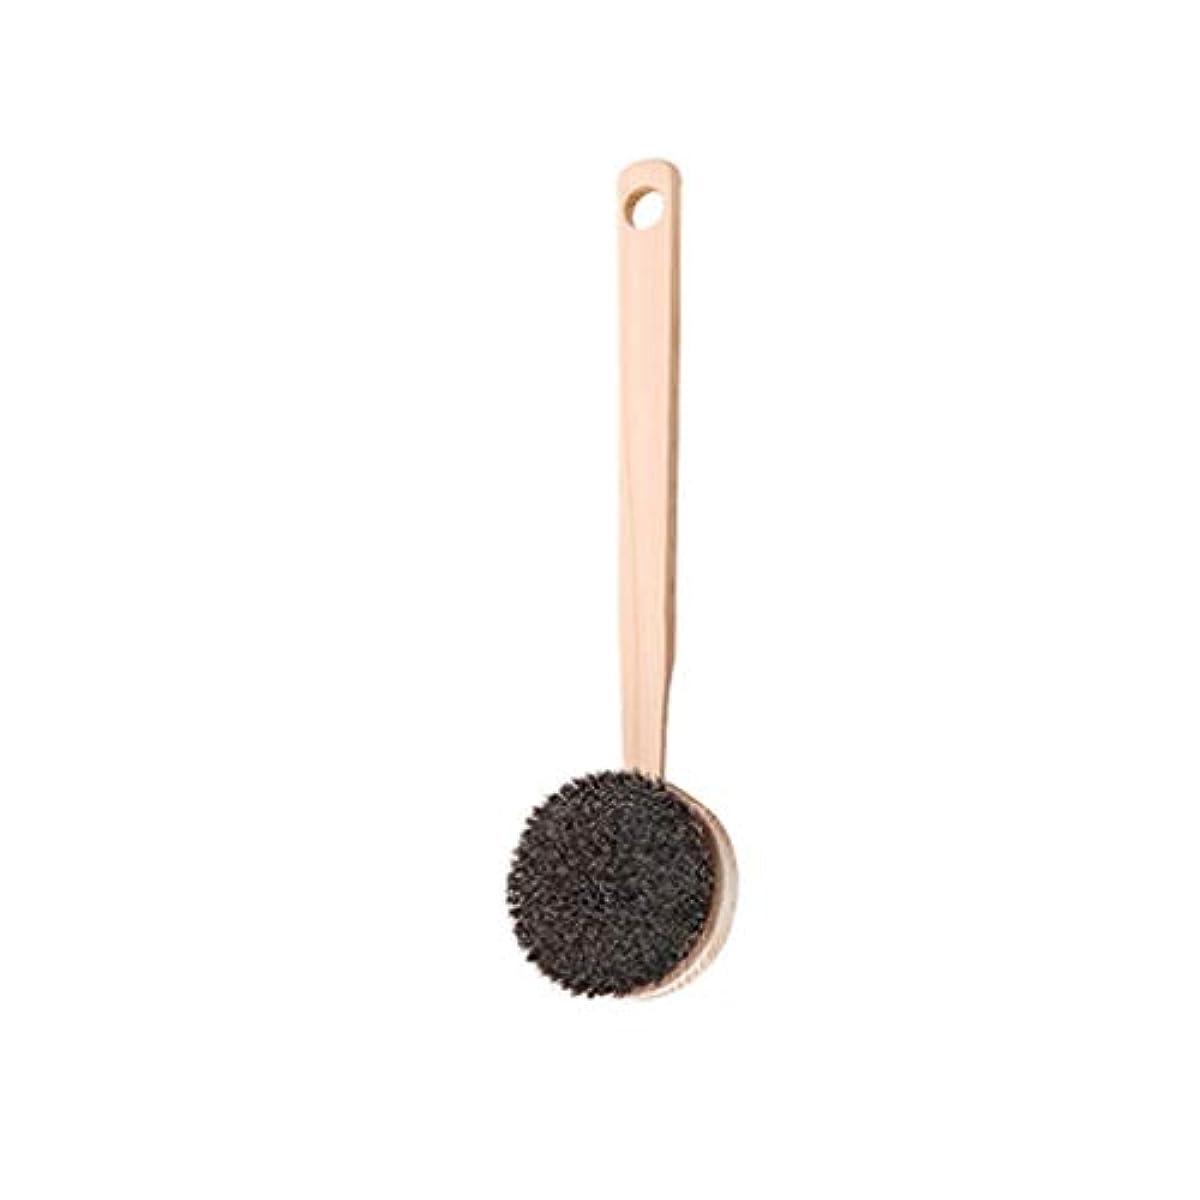 流すバーマド喜びバスブラシバックブラシロングハンドルやわらかい毛髪バスブラシバスブラシ角質除去クリーニングブラシ (Color : A)